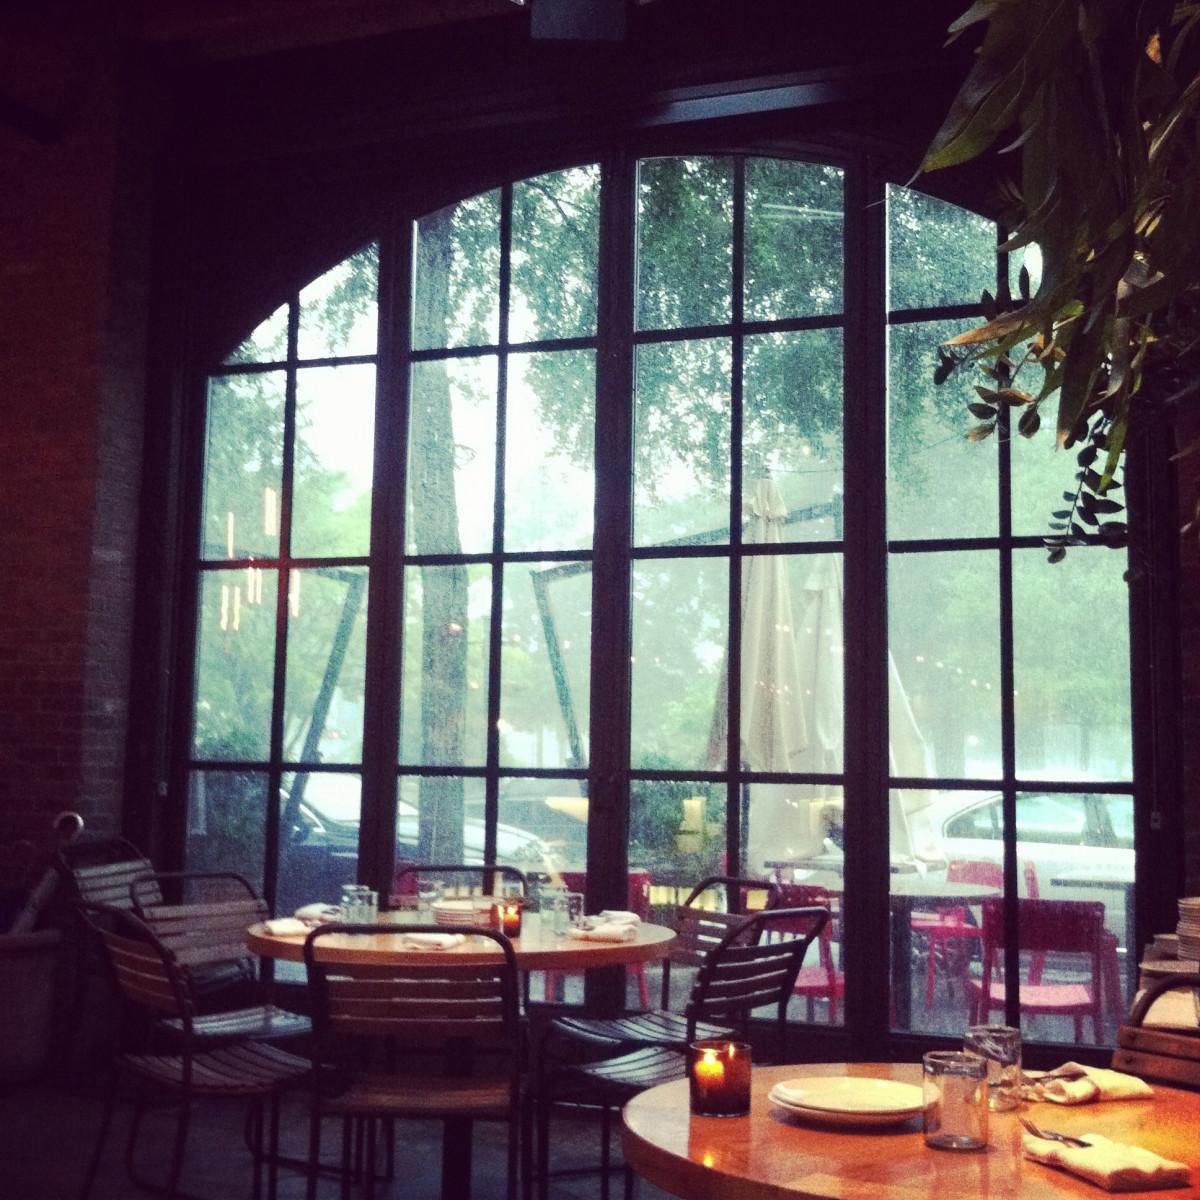 무료 이미지 : 거리, 밤, 레스토랑, 집, 인테리어 디자인, 로비 ...